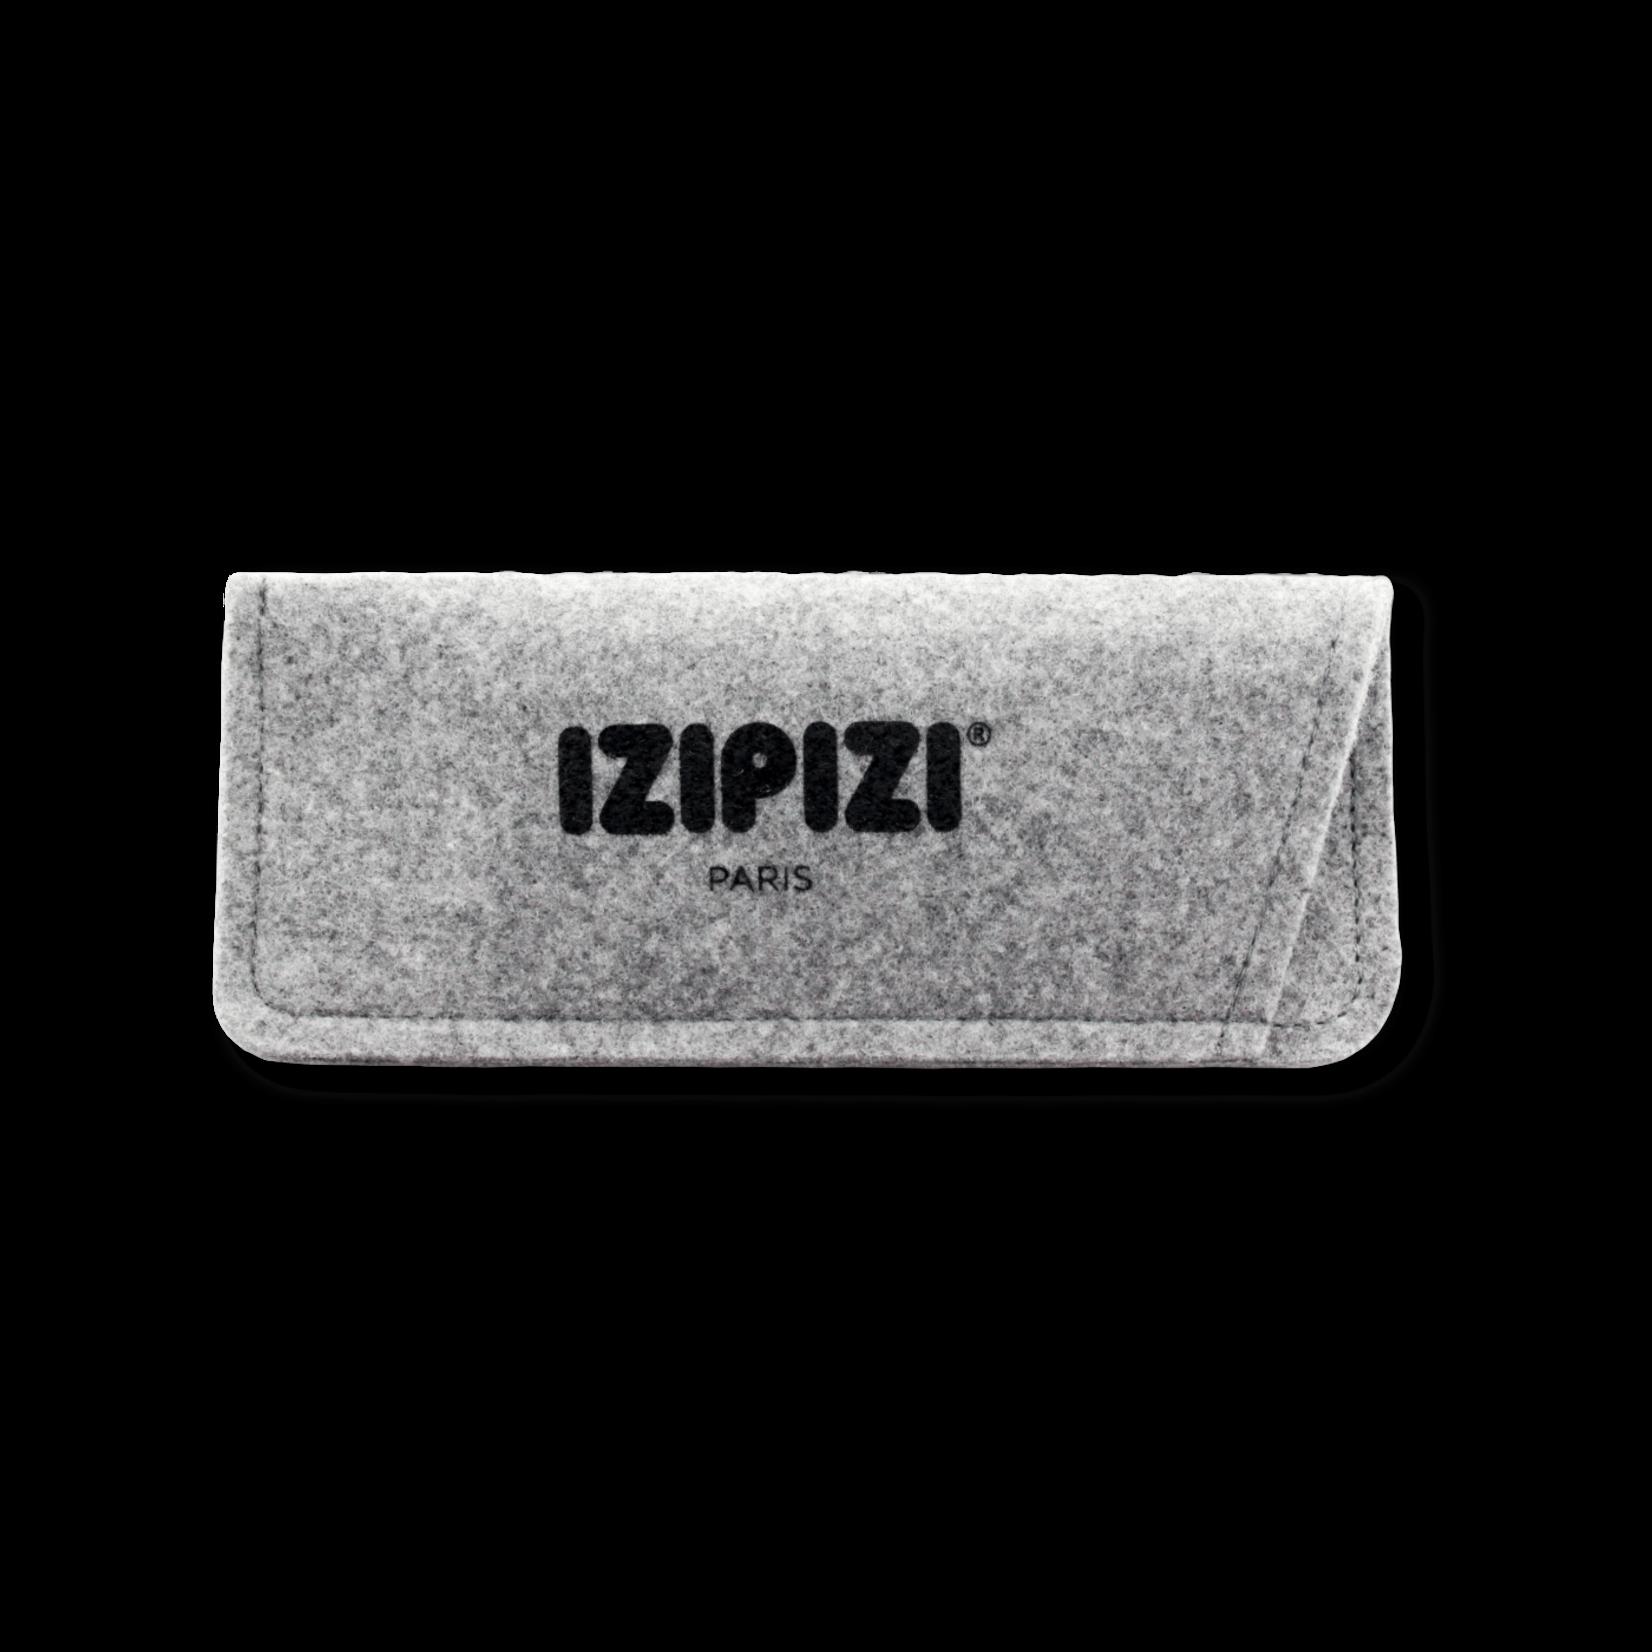 IZIPIZI IZIPIZI Reader D Iconic - More Options Available